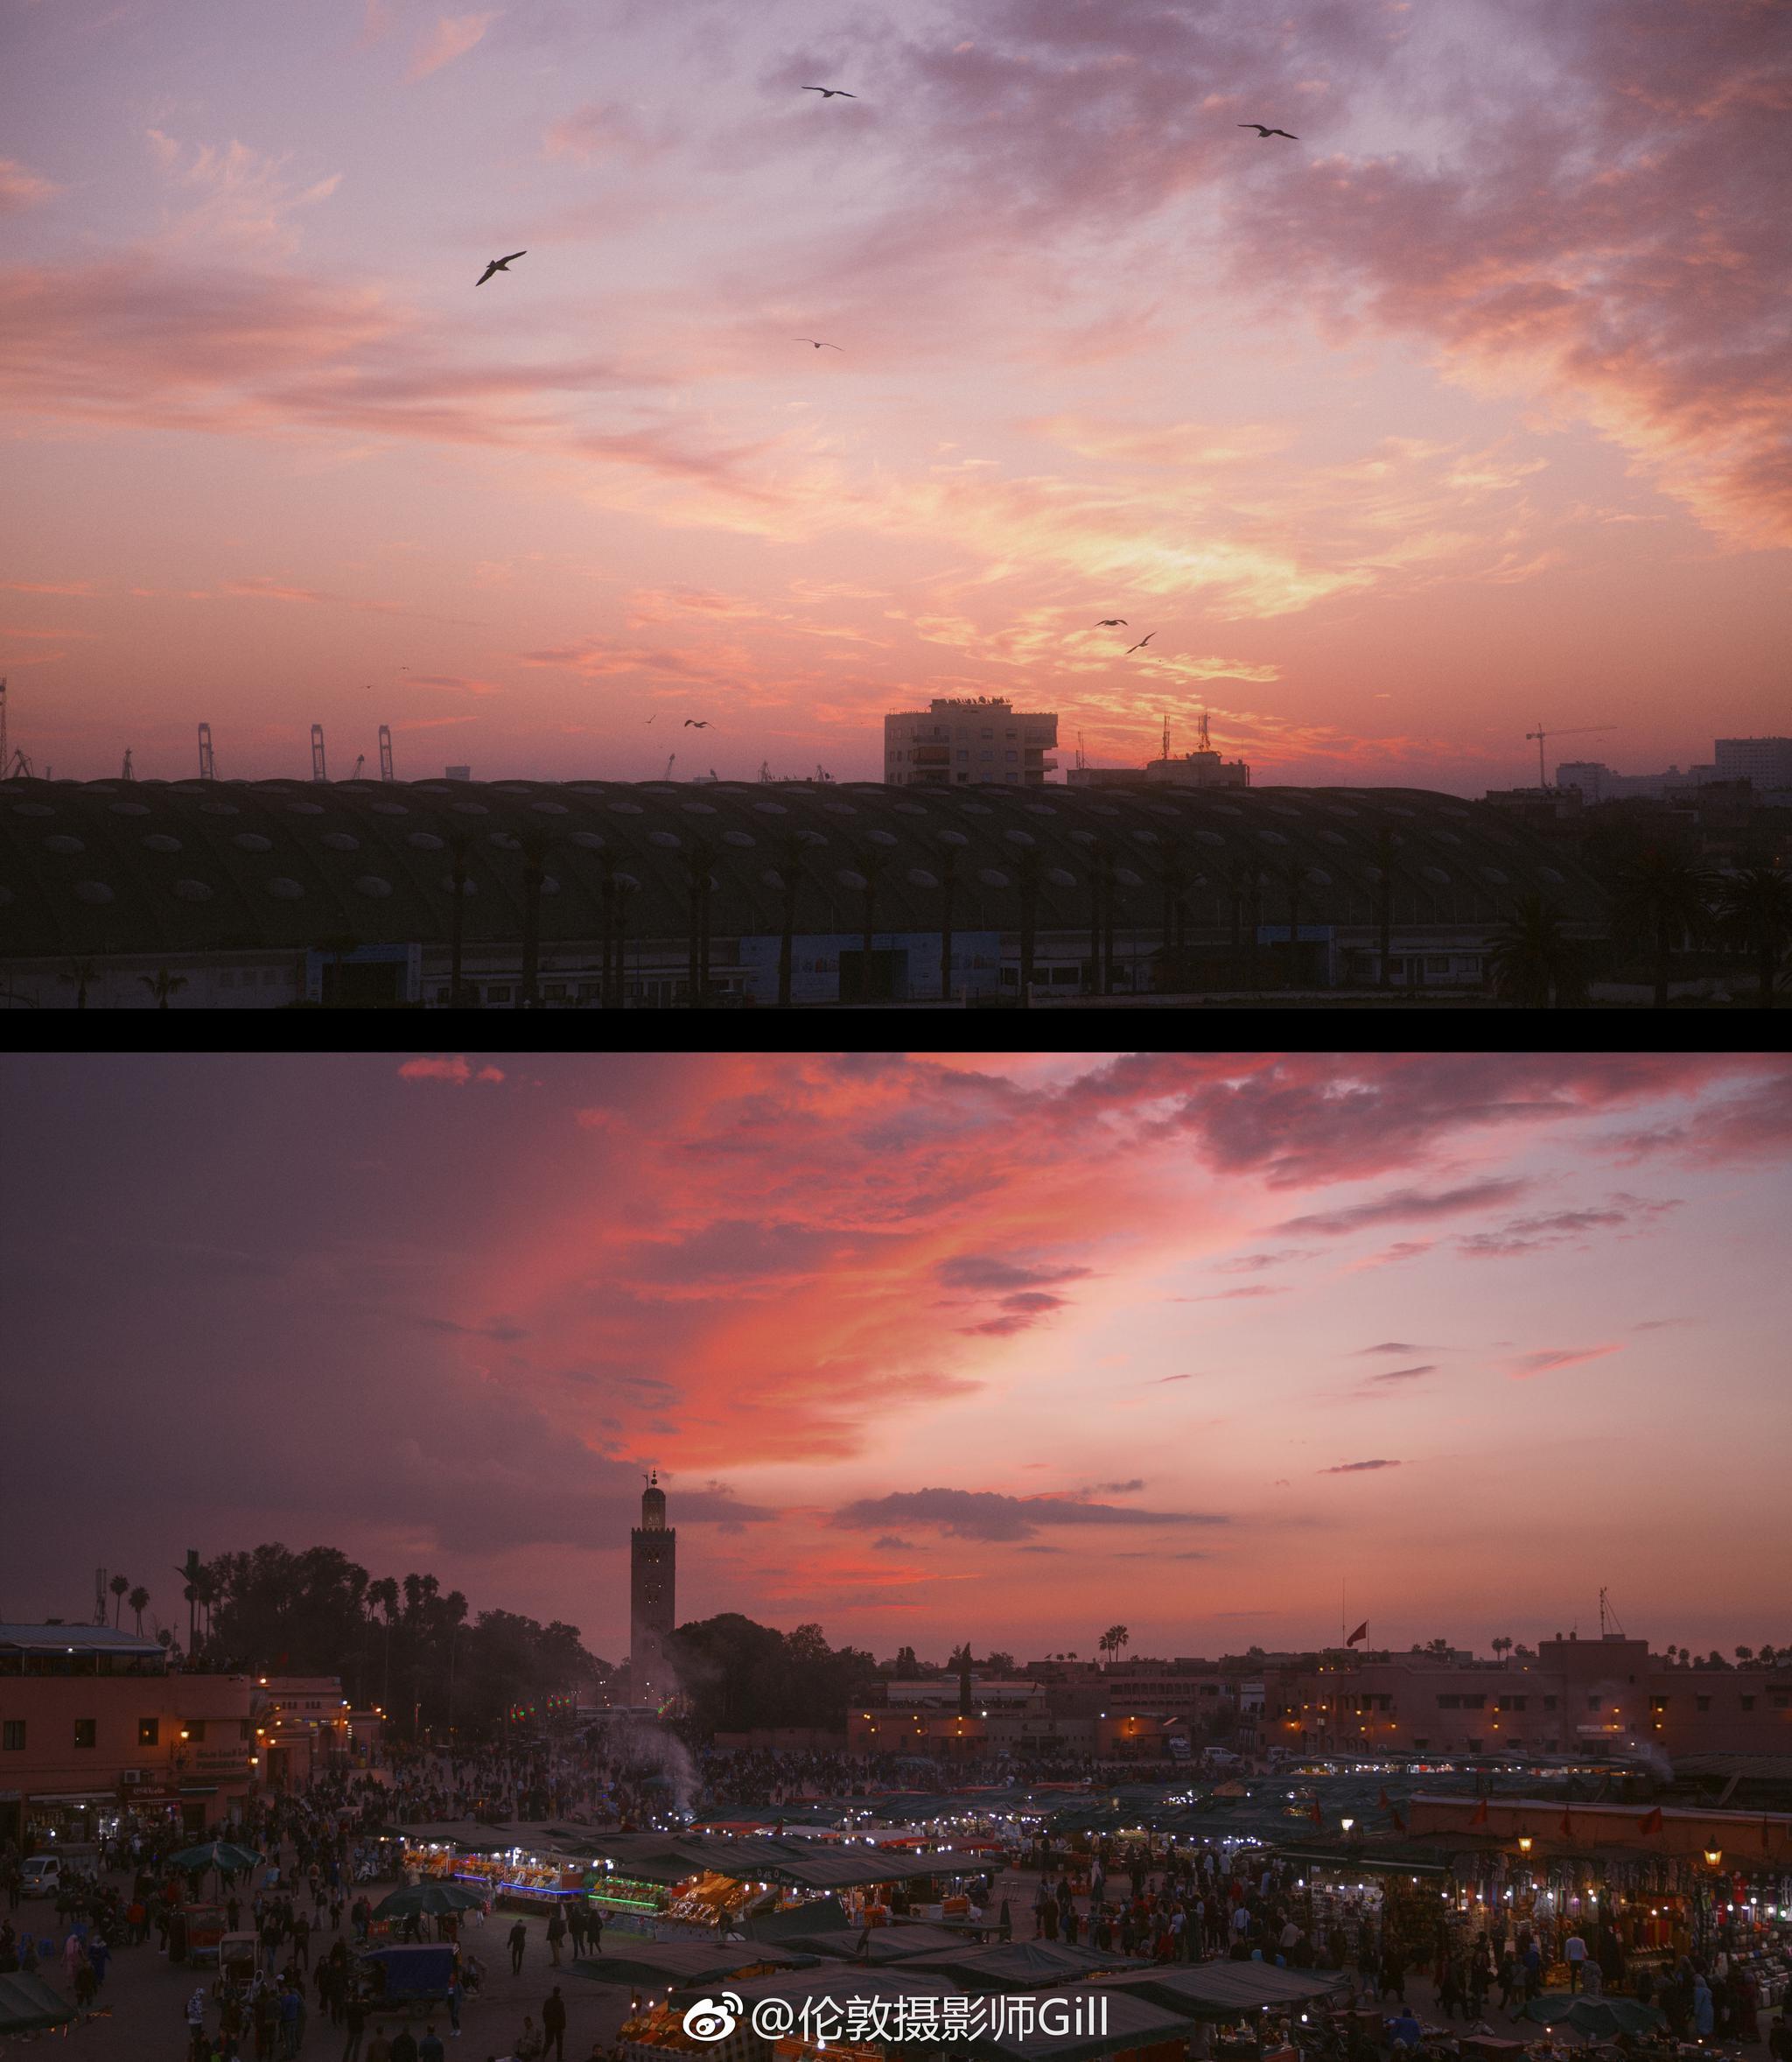 摩洛哥 | 在摩洛哥的好天气里安静看了无数个日